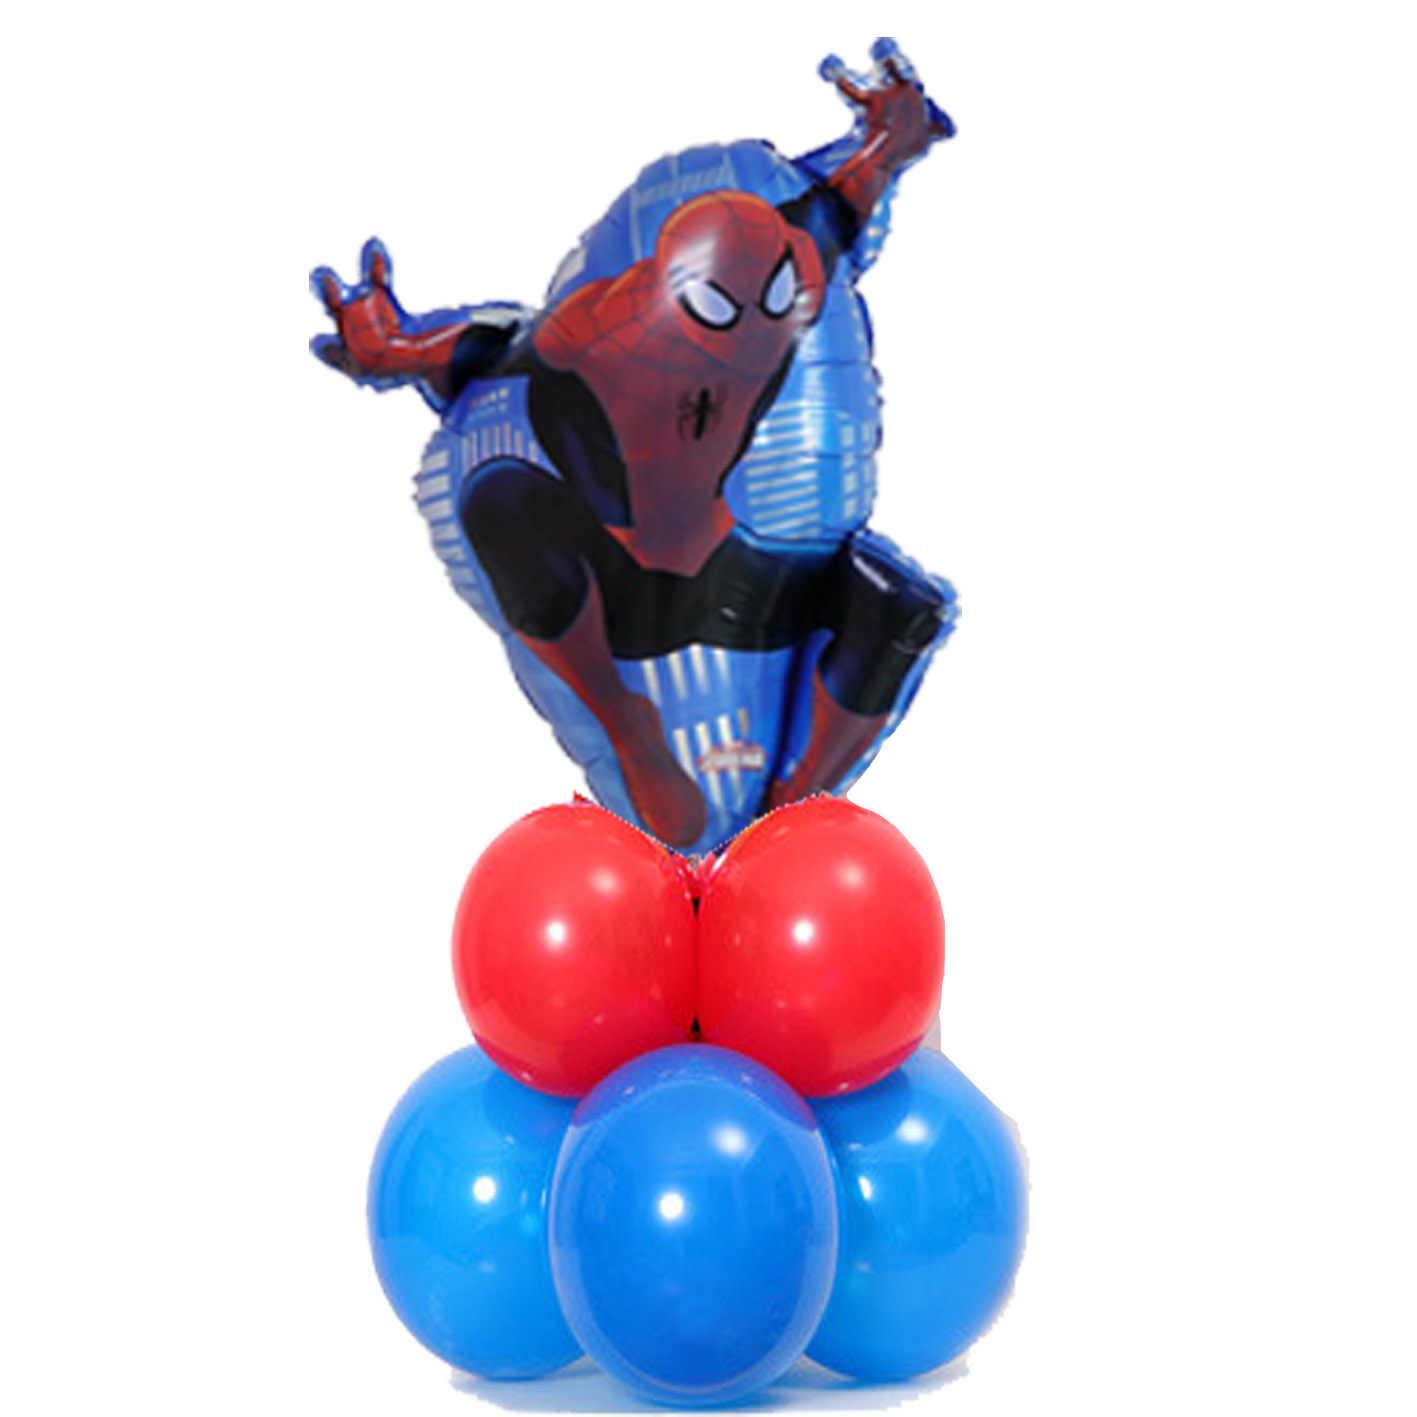 1 компл. Человек-паук стоящая колонна фольгированные шары латексный шар воздушный Глобус супергерой с днем рождения украшения для мальчиков детские игрушки подарок